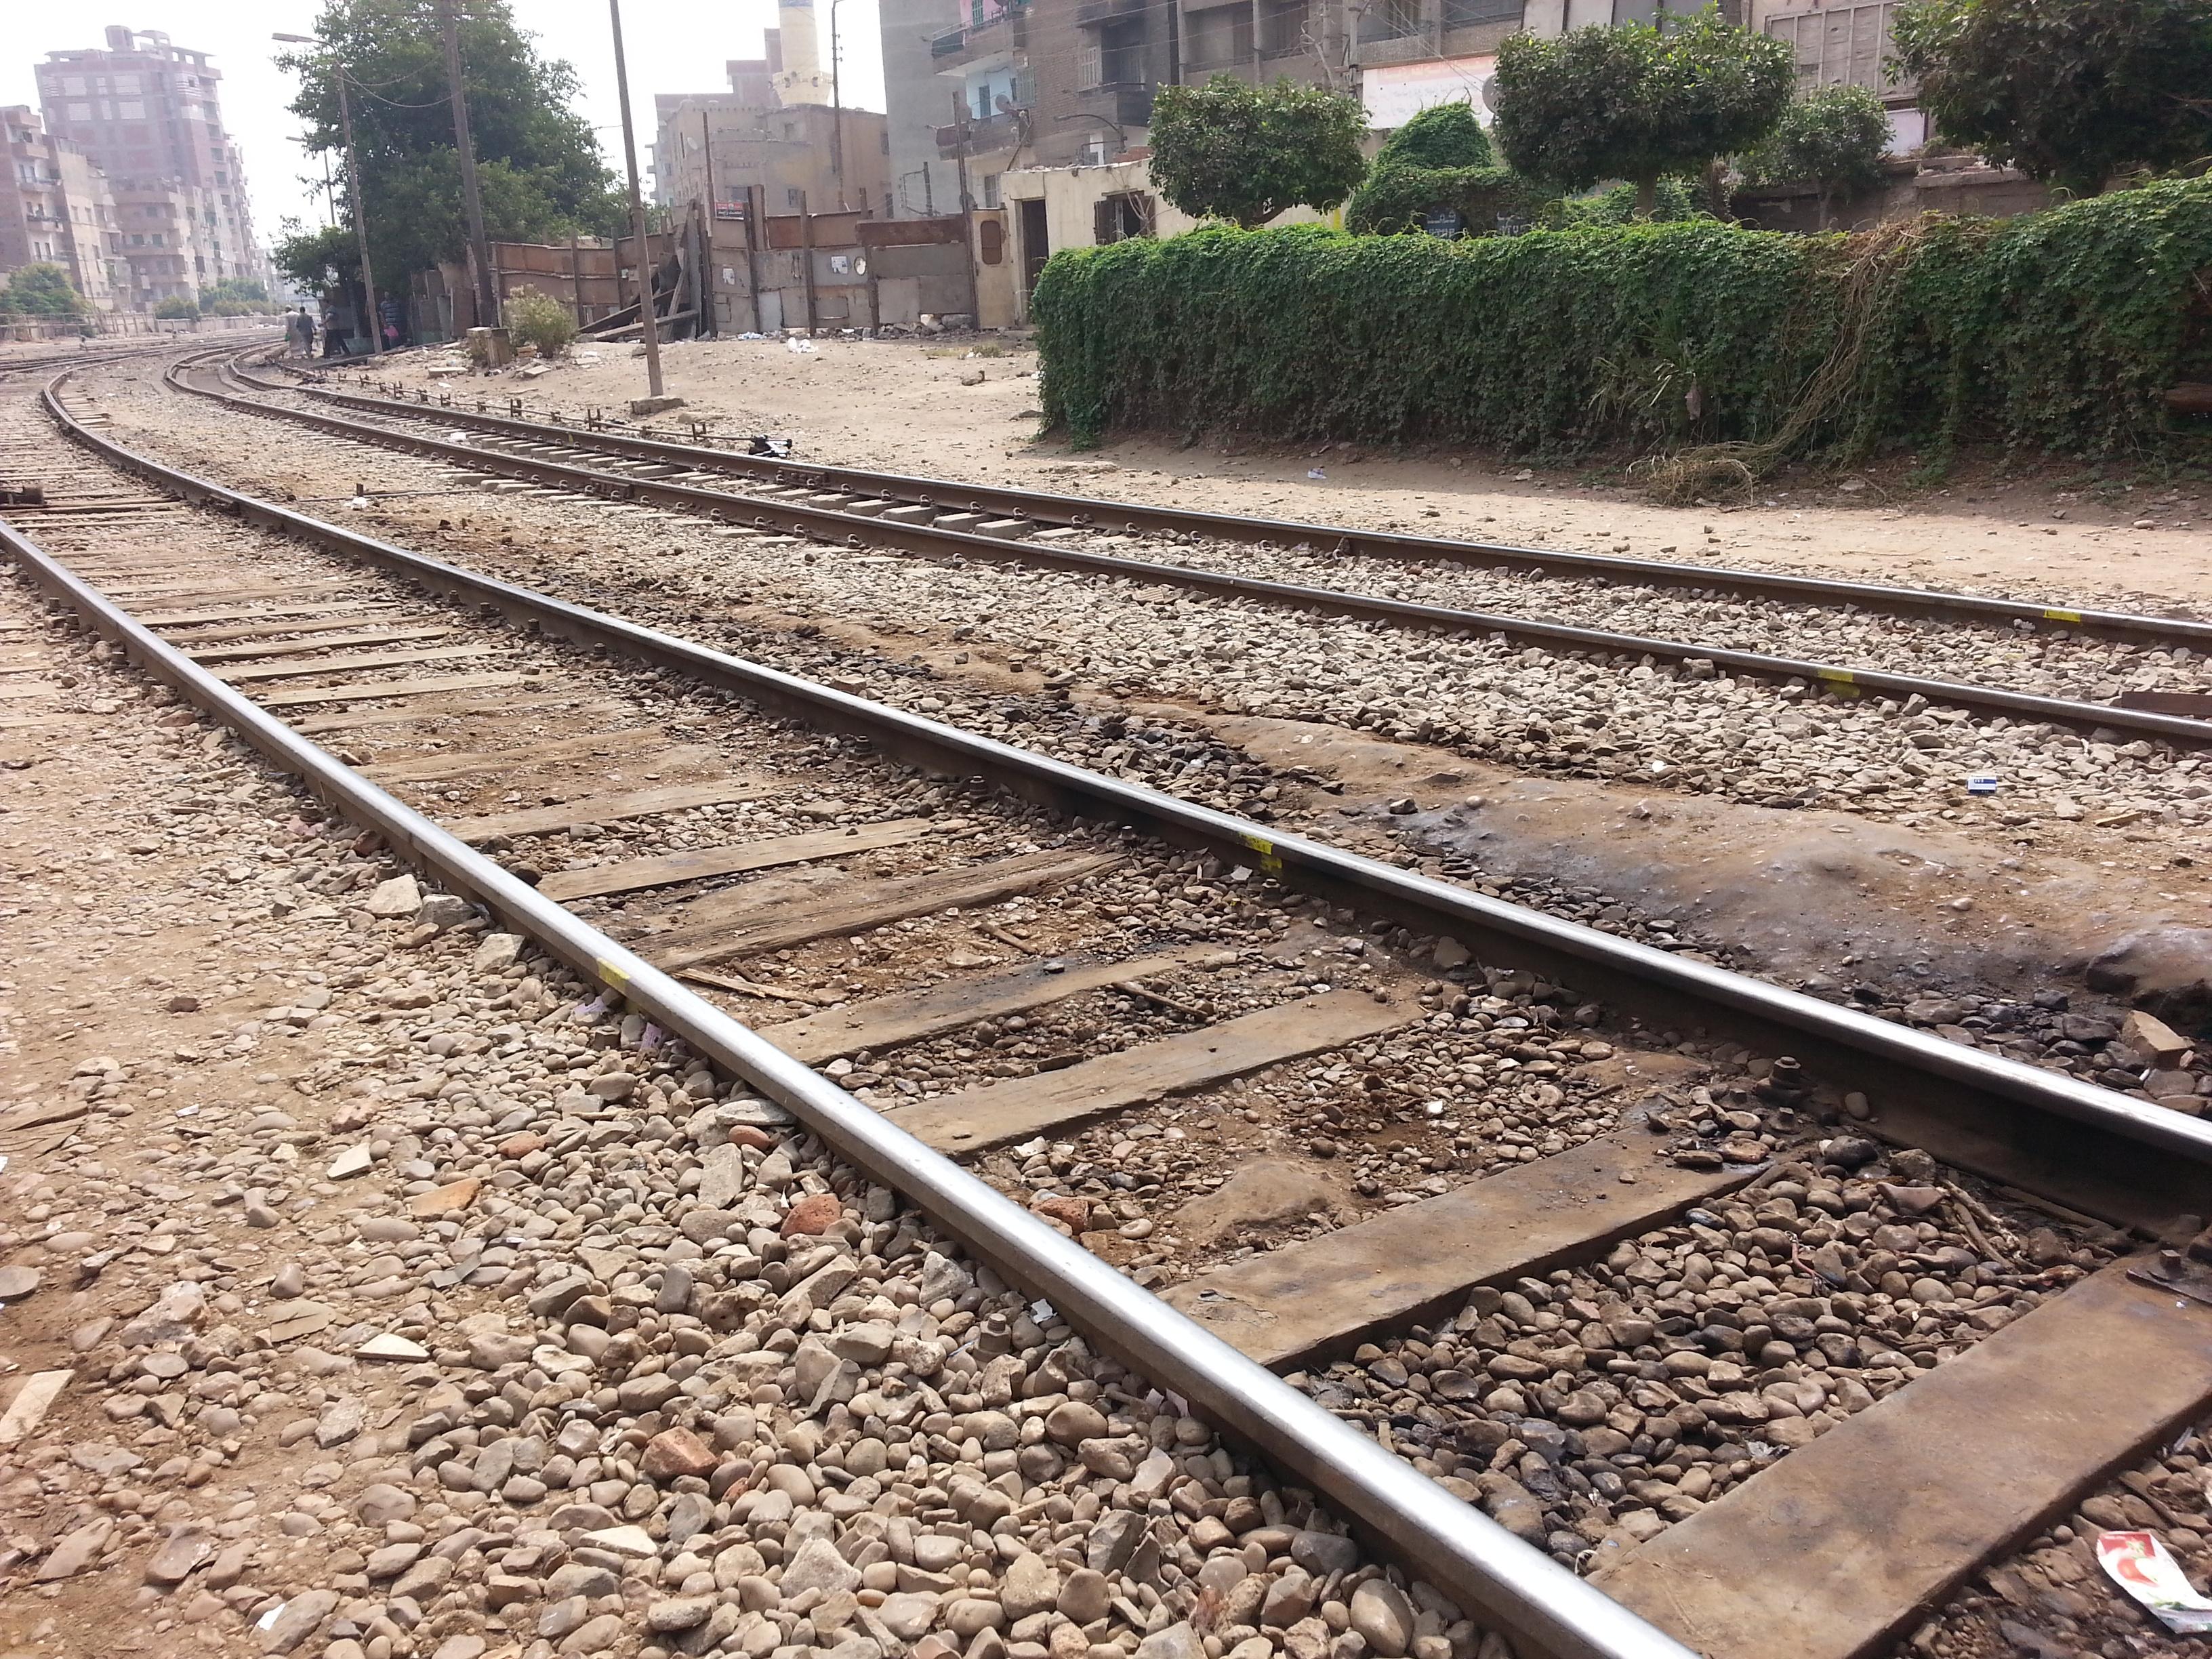 صورة مواعيد قطارات القاهرة الإسكندرية ..تعرف على محطات الوقوف لكل قطار